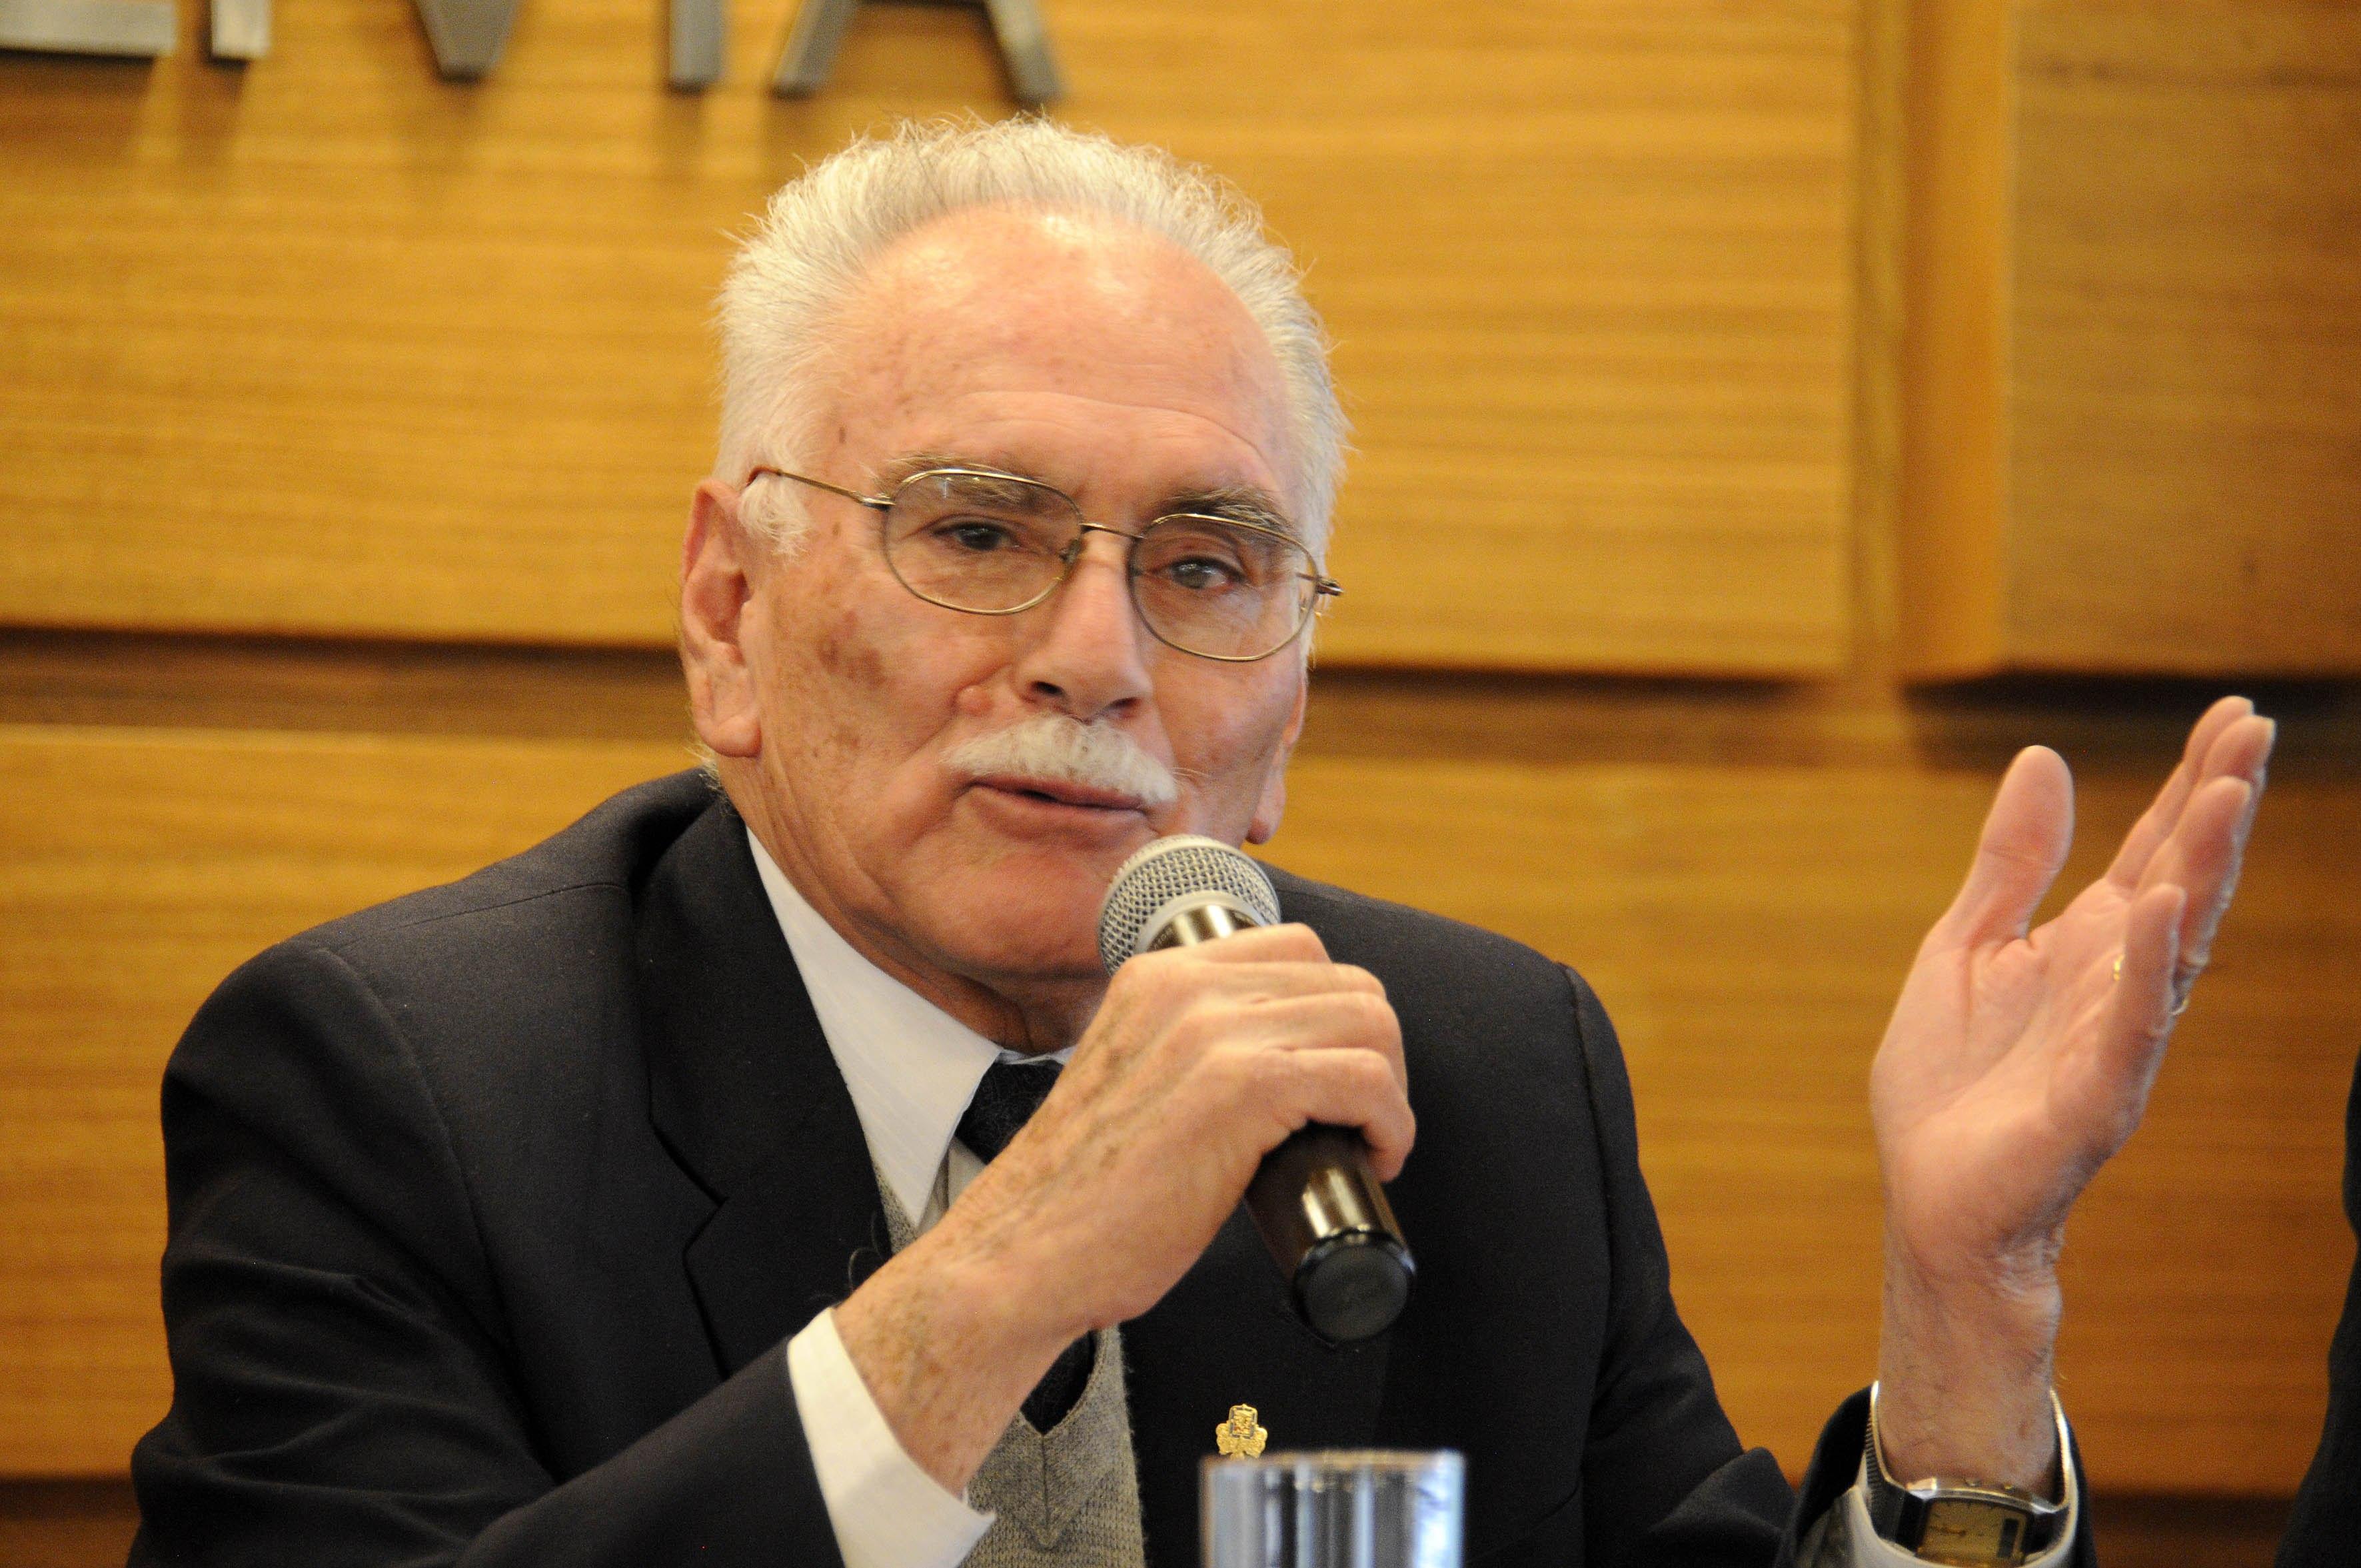 Presidente del BCB abrirá el undécimo Encuentro de Economistas de Bolivia